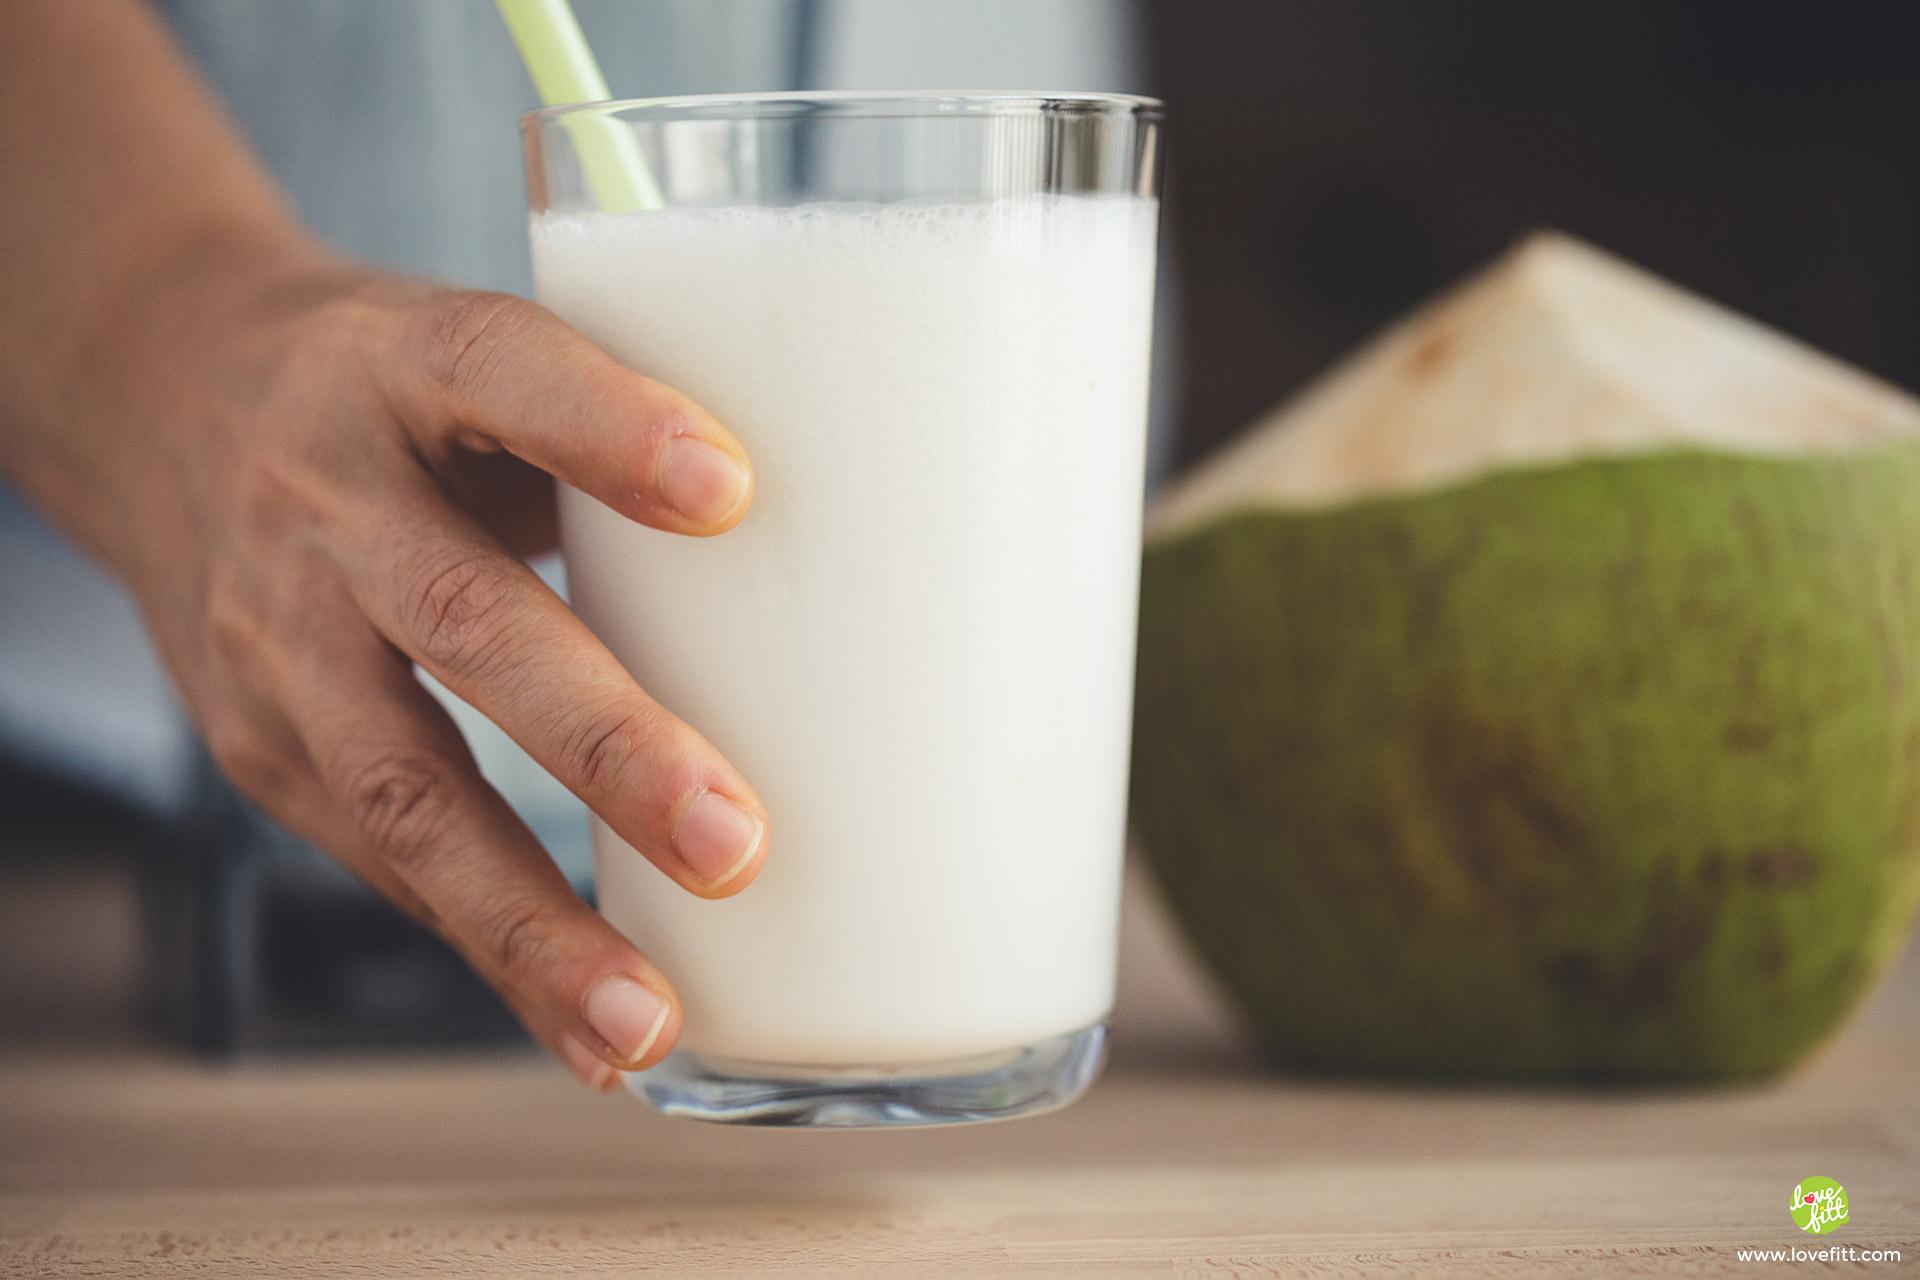 นมมะพร้าวอ่อนใส่แก้ว